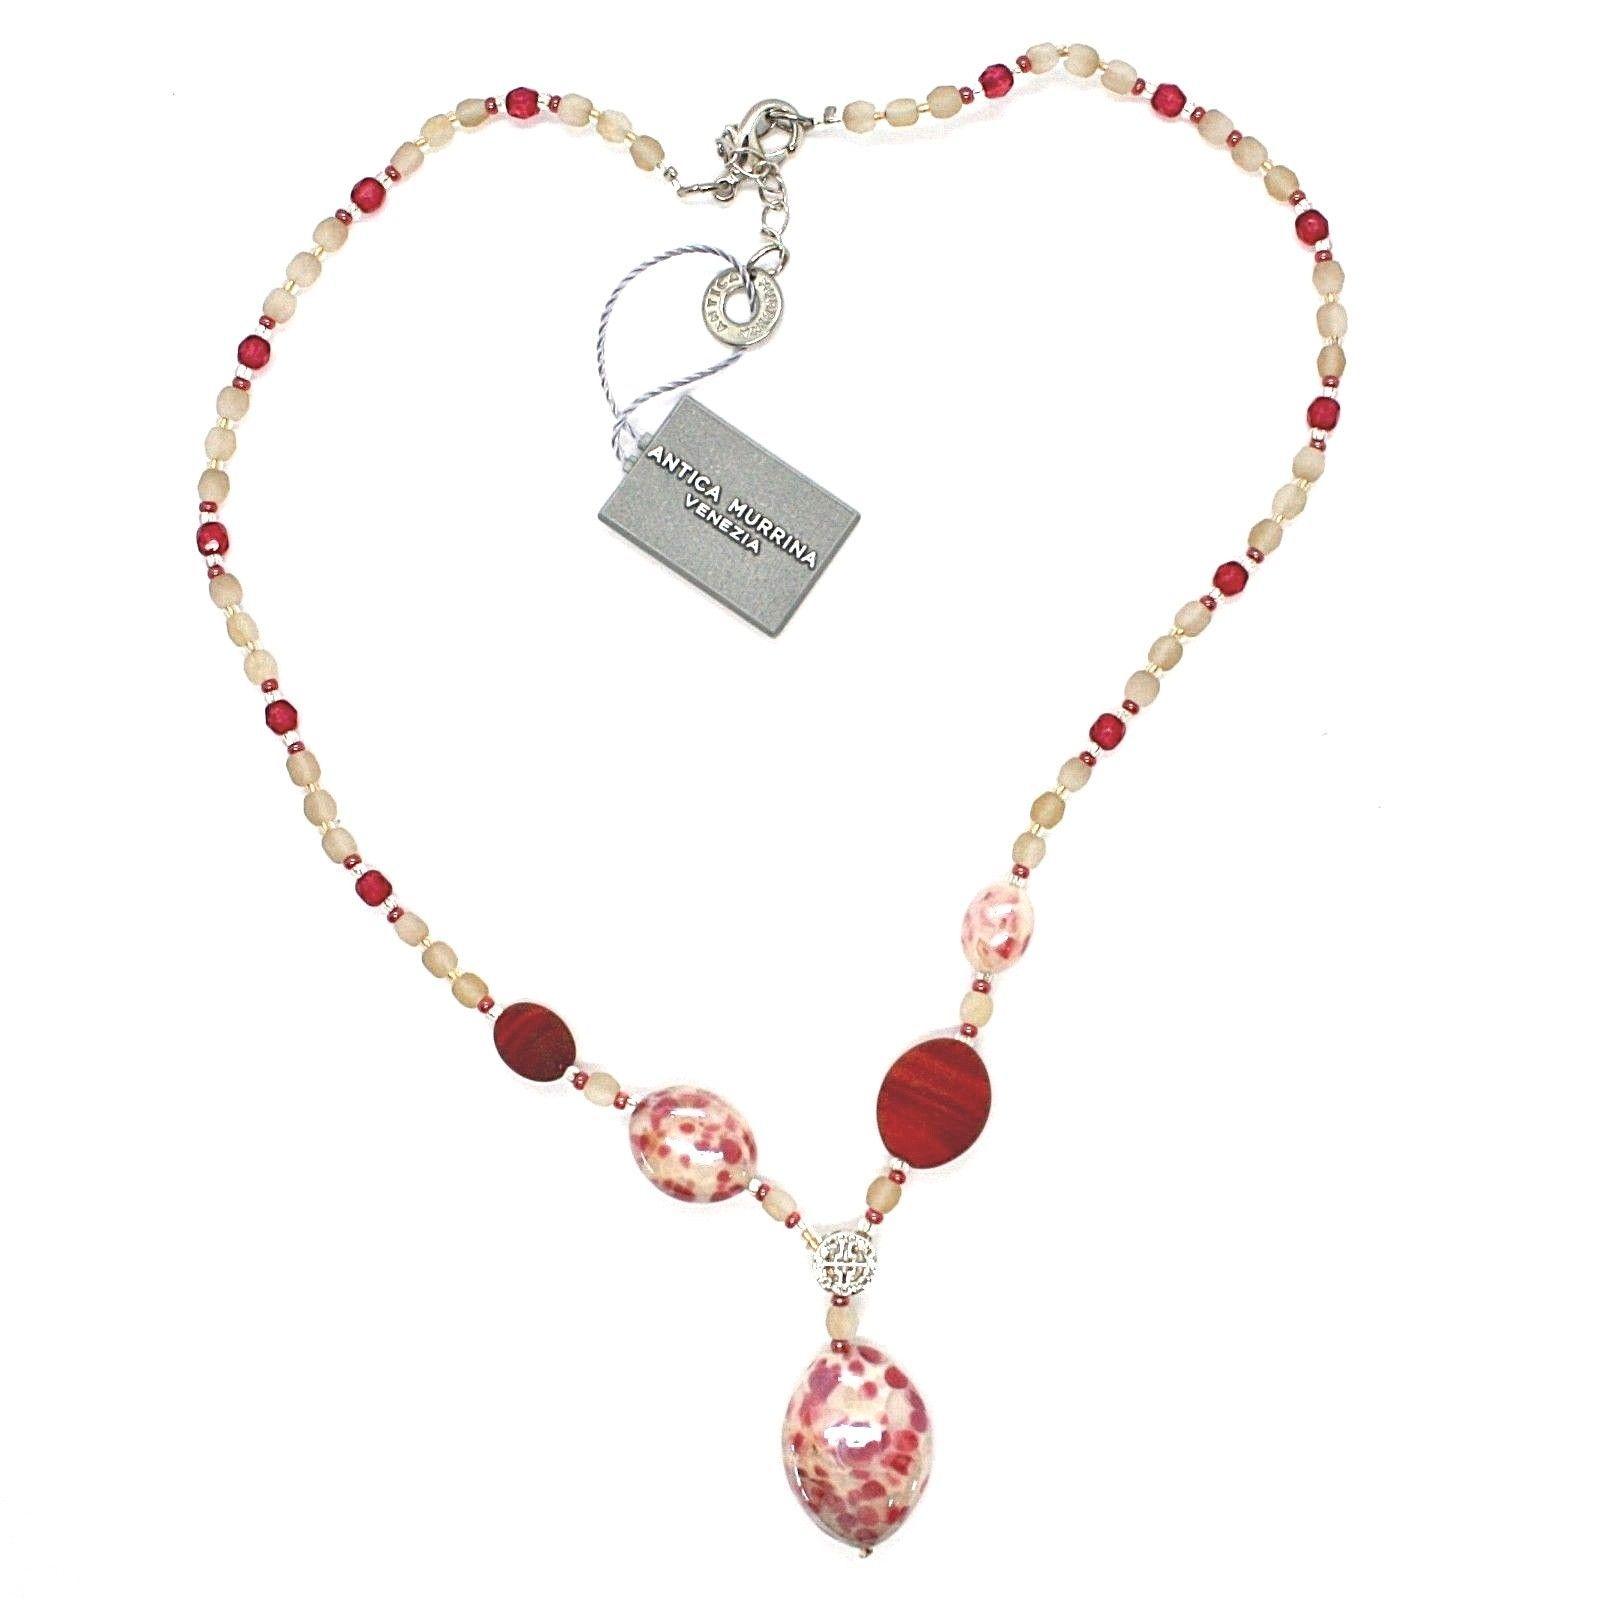 NECKLACE ANTICA MURRINA VENEZIA WITH MURANO GLASS RED BEIGE WHITE CO926A11